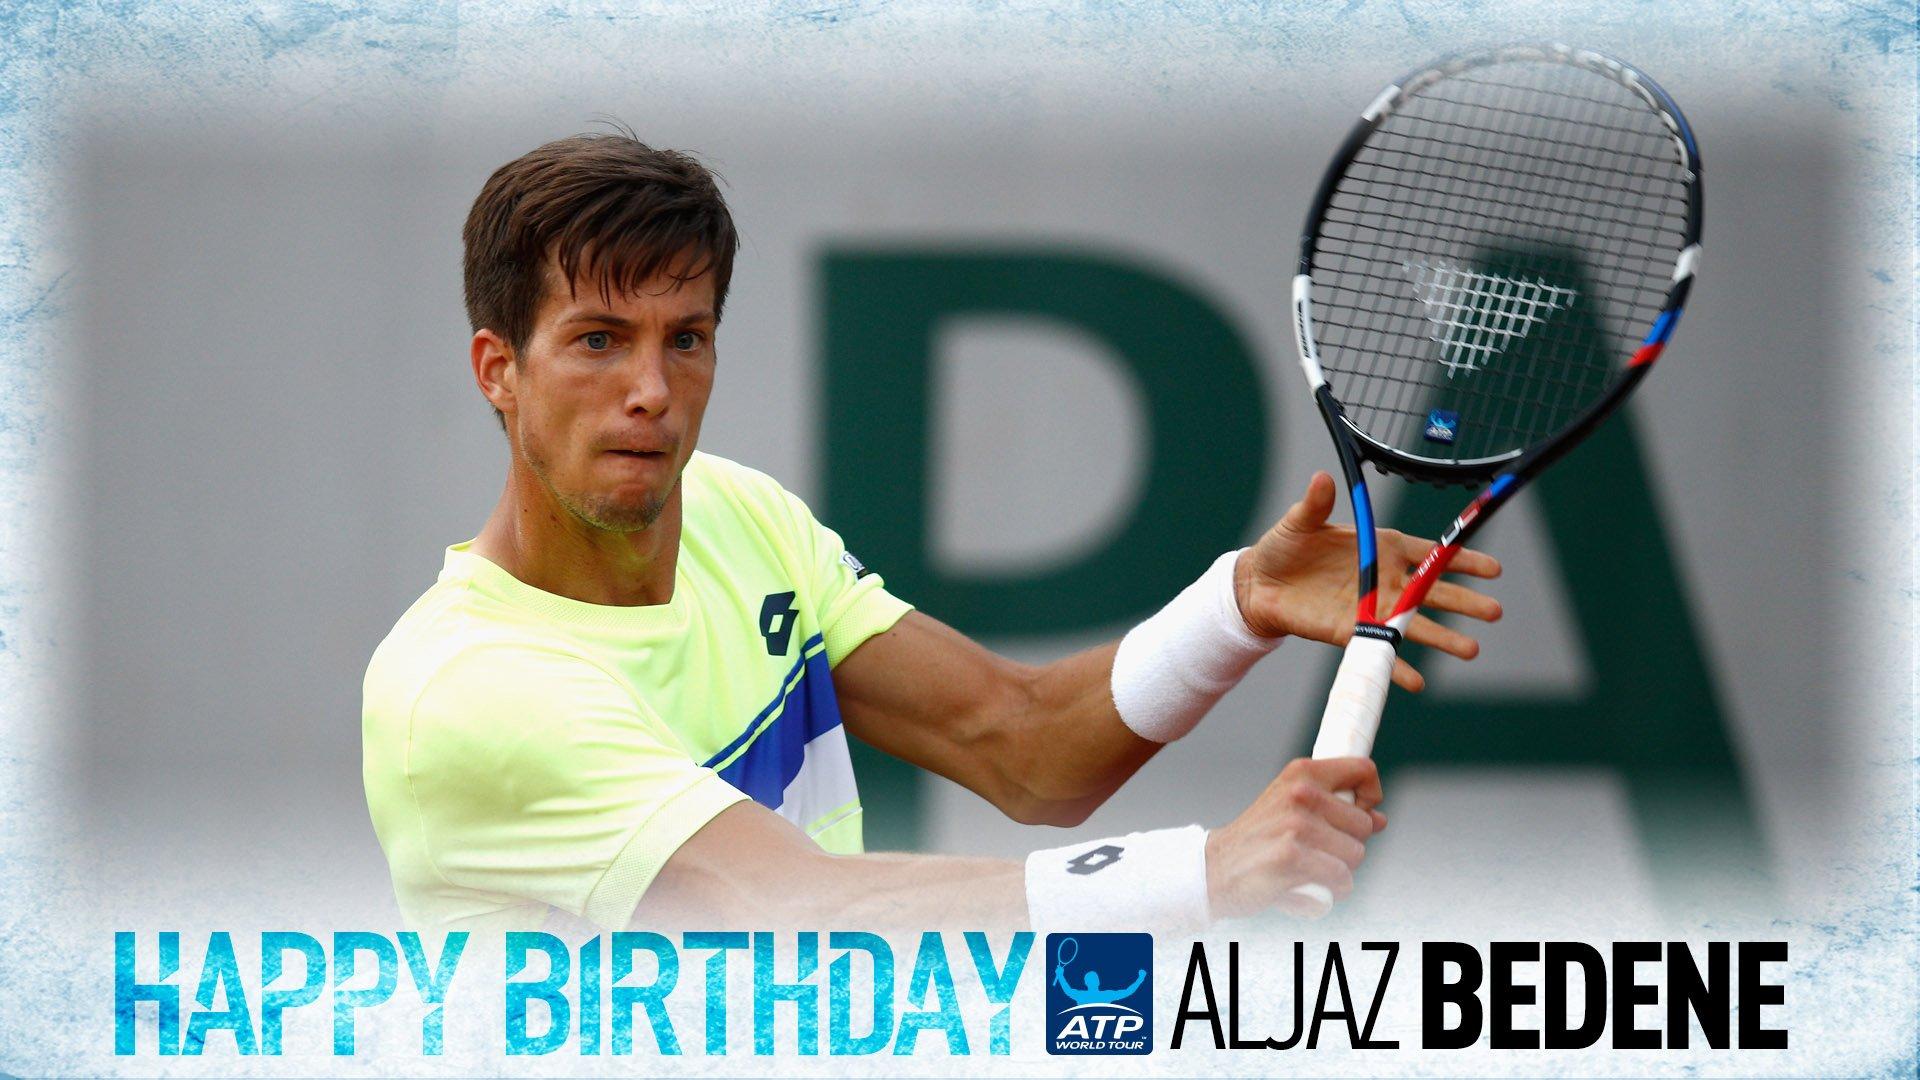 Happy 28th birthday @AljazBedene! ���� View #ATP Profile: https://t.co/rbV1p8epJJ https://t.co/r7onTszGRD